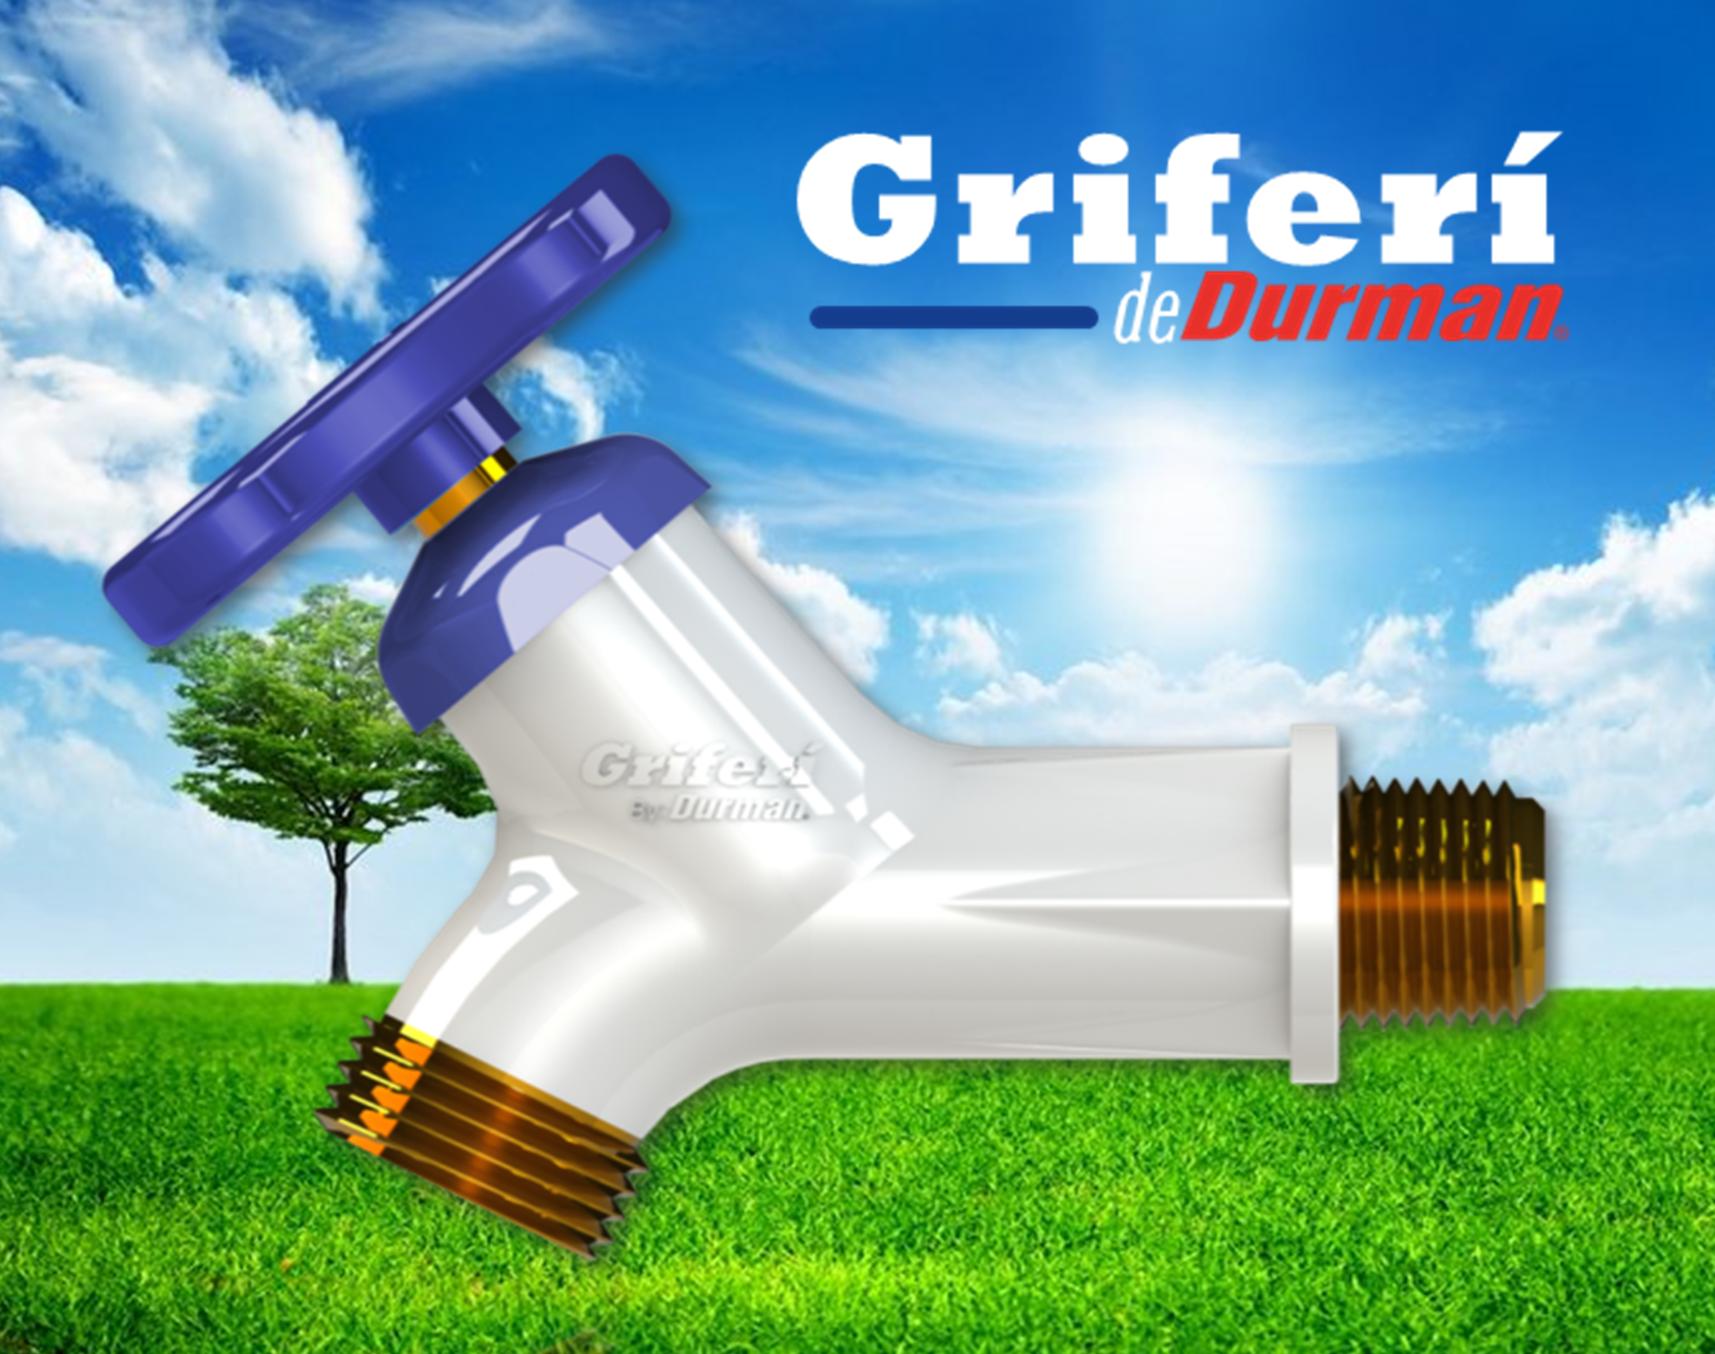 Griferi dol 1715x1354